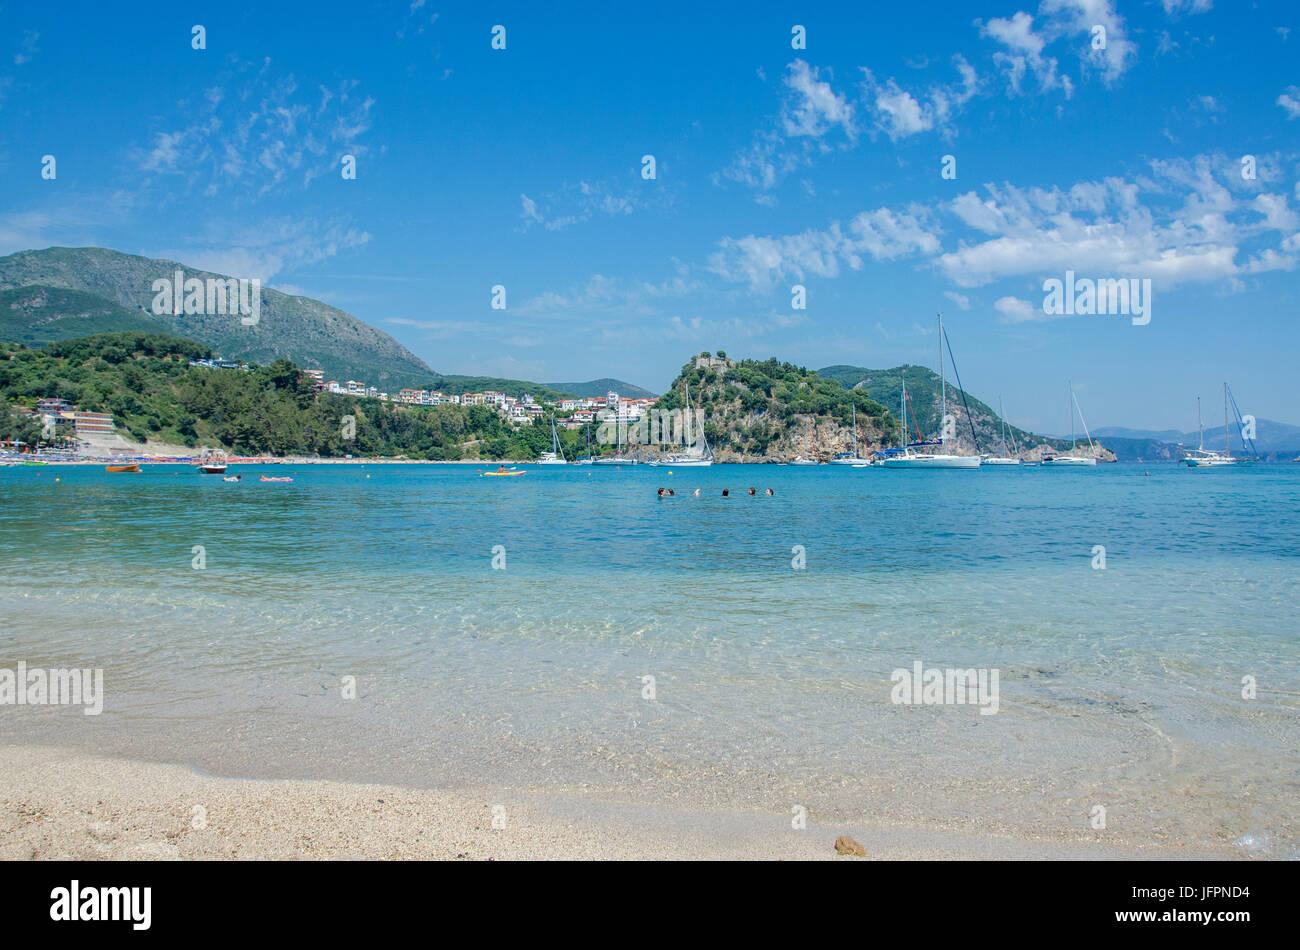 Scène de Plage - Plage de Valtos - Mer Ionienne - Parga, Grèce Photo Stock